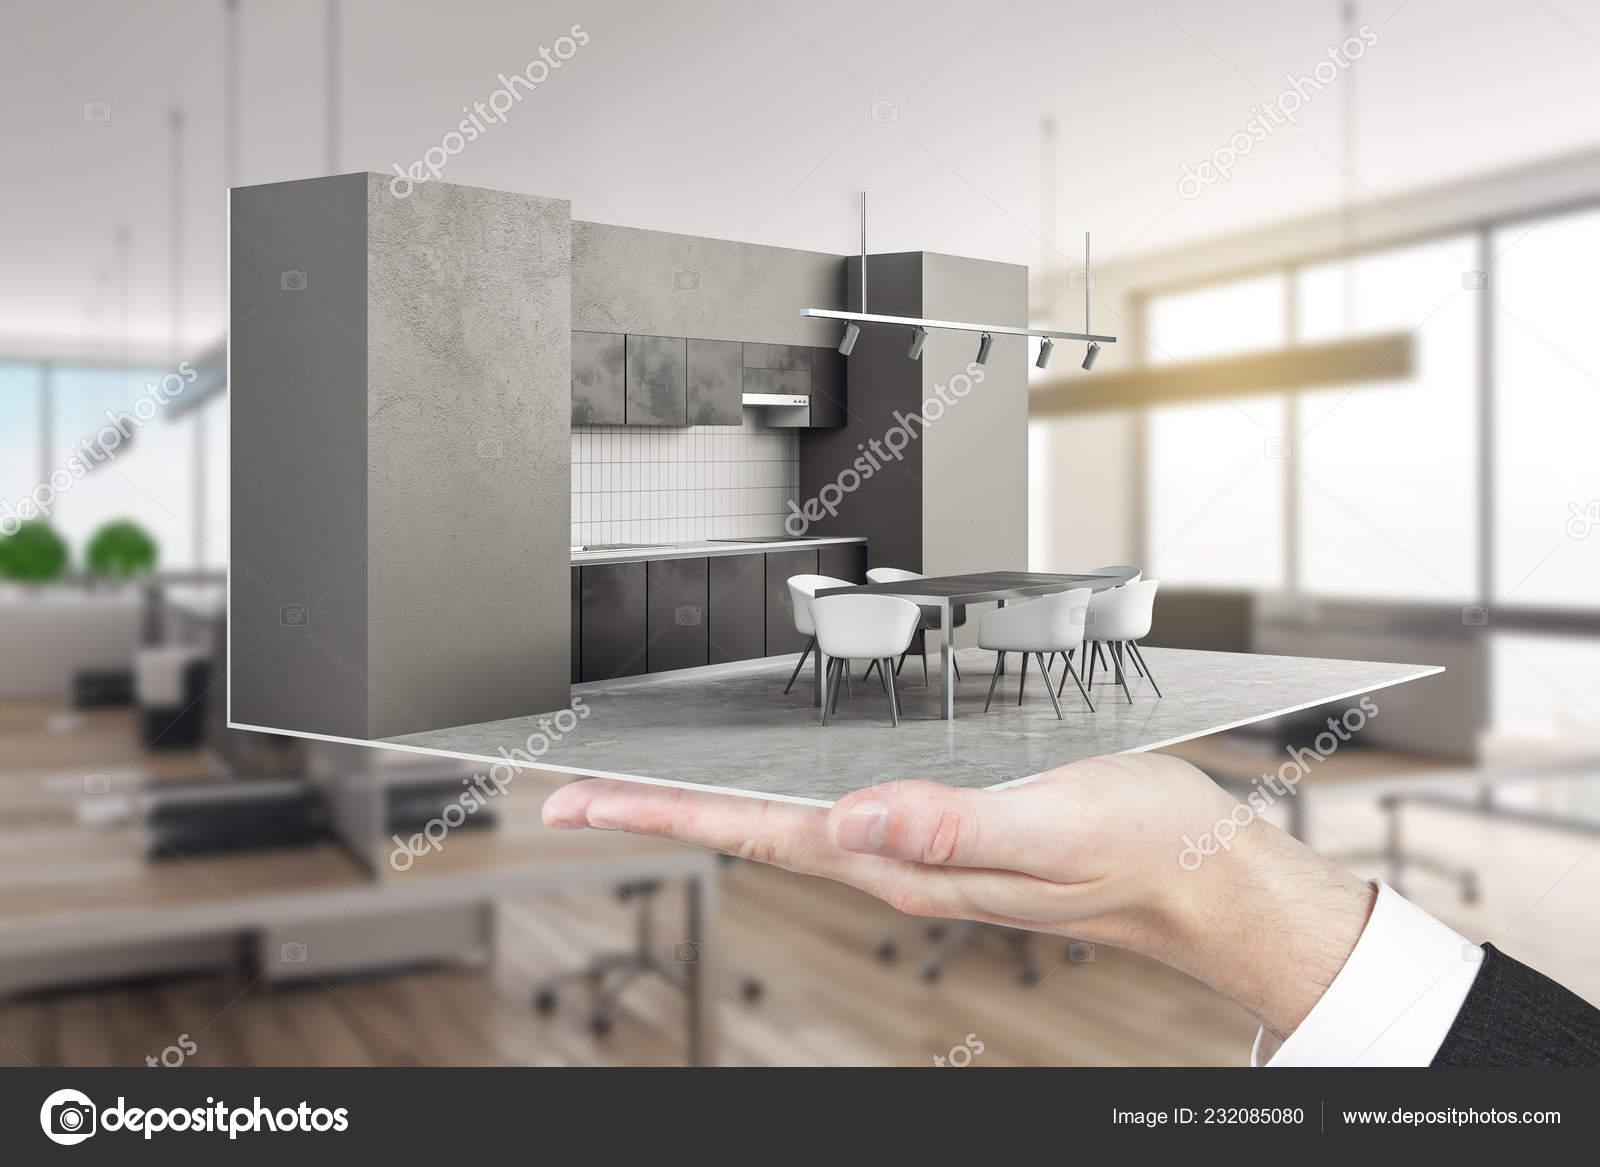 Businessman Holding Contemporary Kitchen Interior Blurry